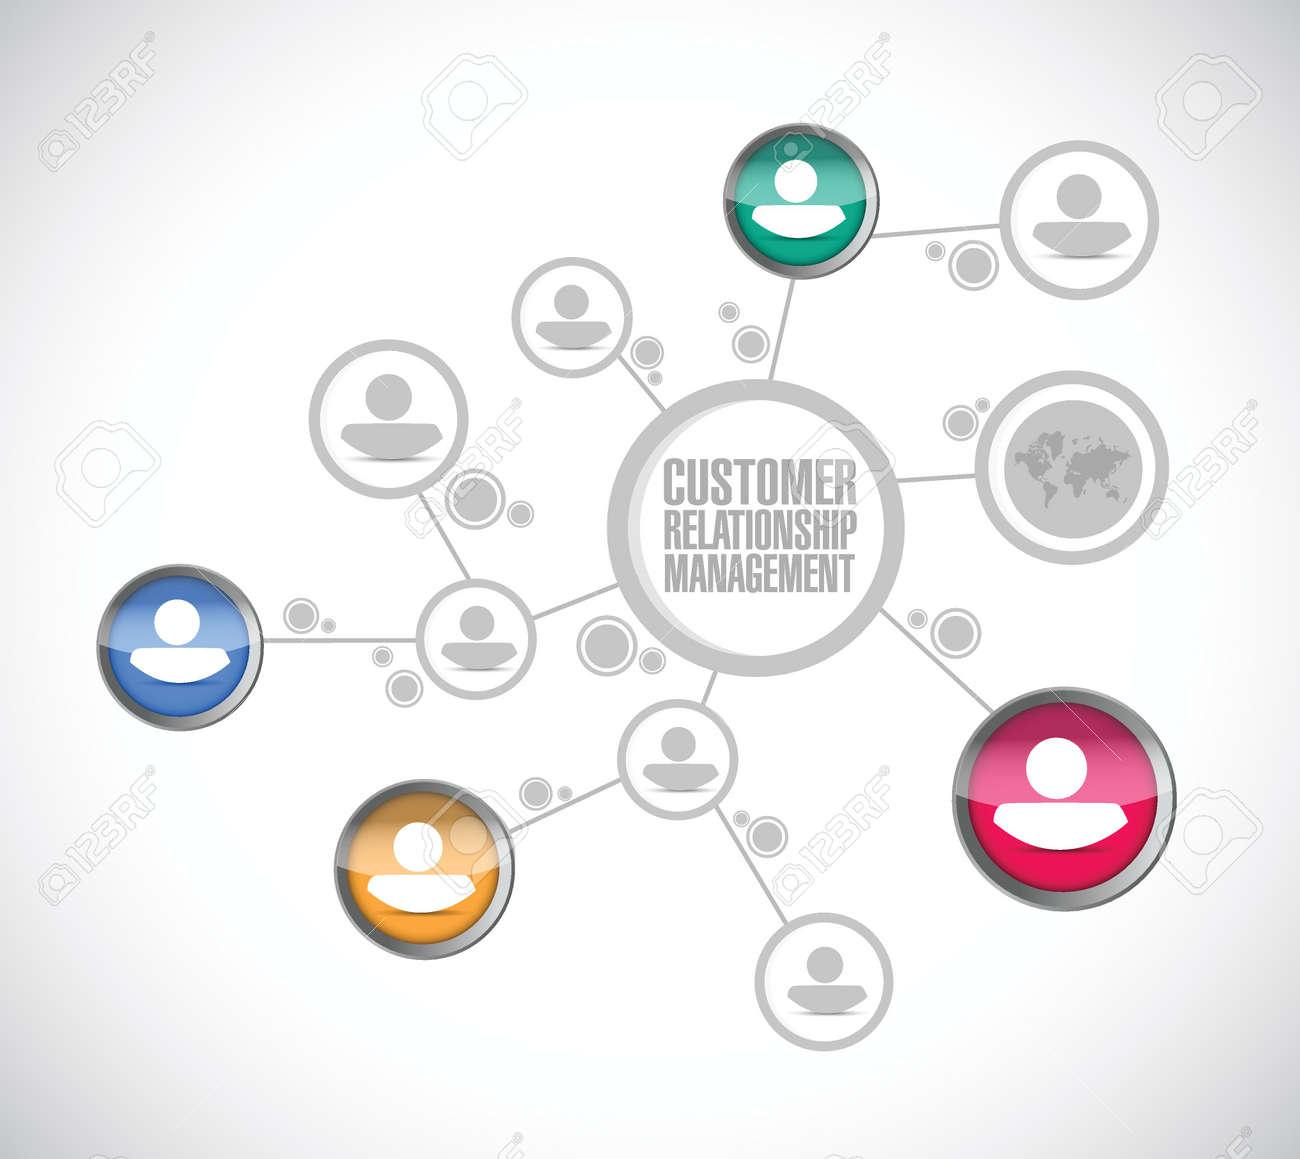 顧客関係管理、ビジネス図。白色の背景上のイラスト デザイン